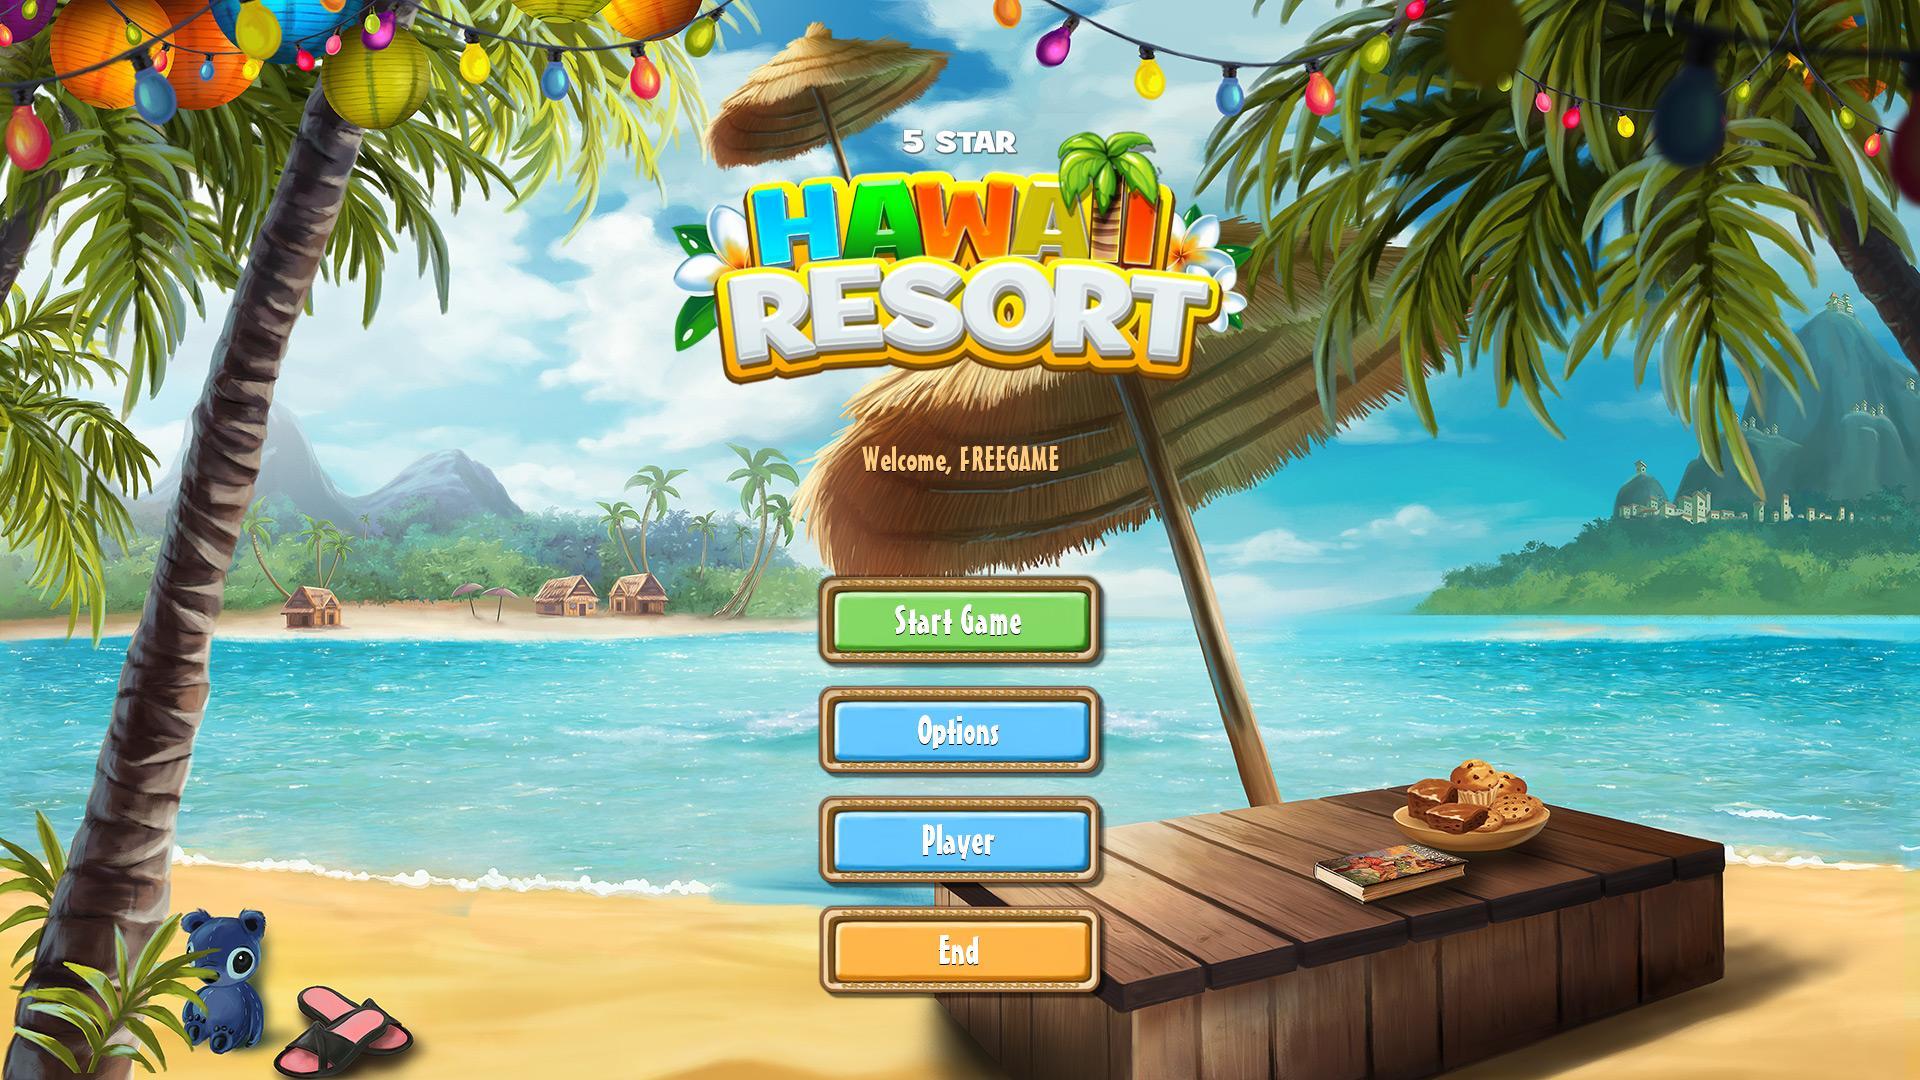 5 Star Hawaii Resort (En)